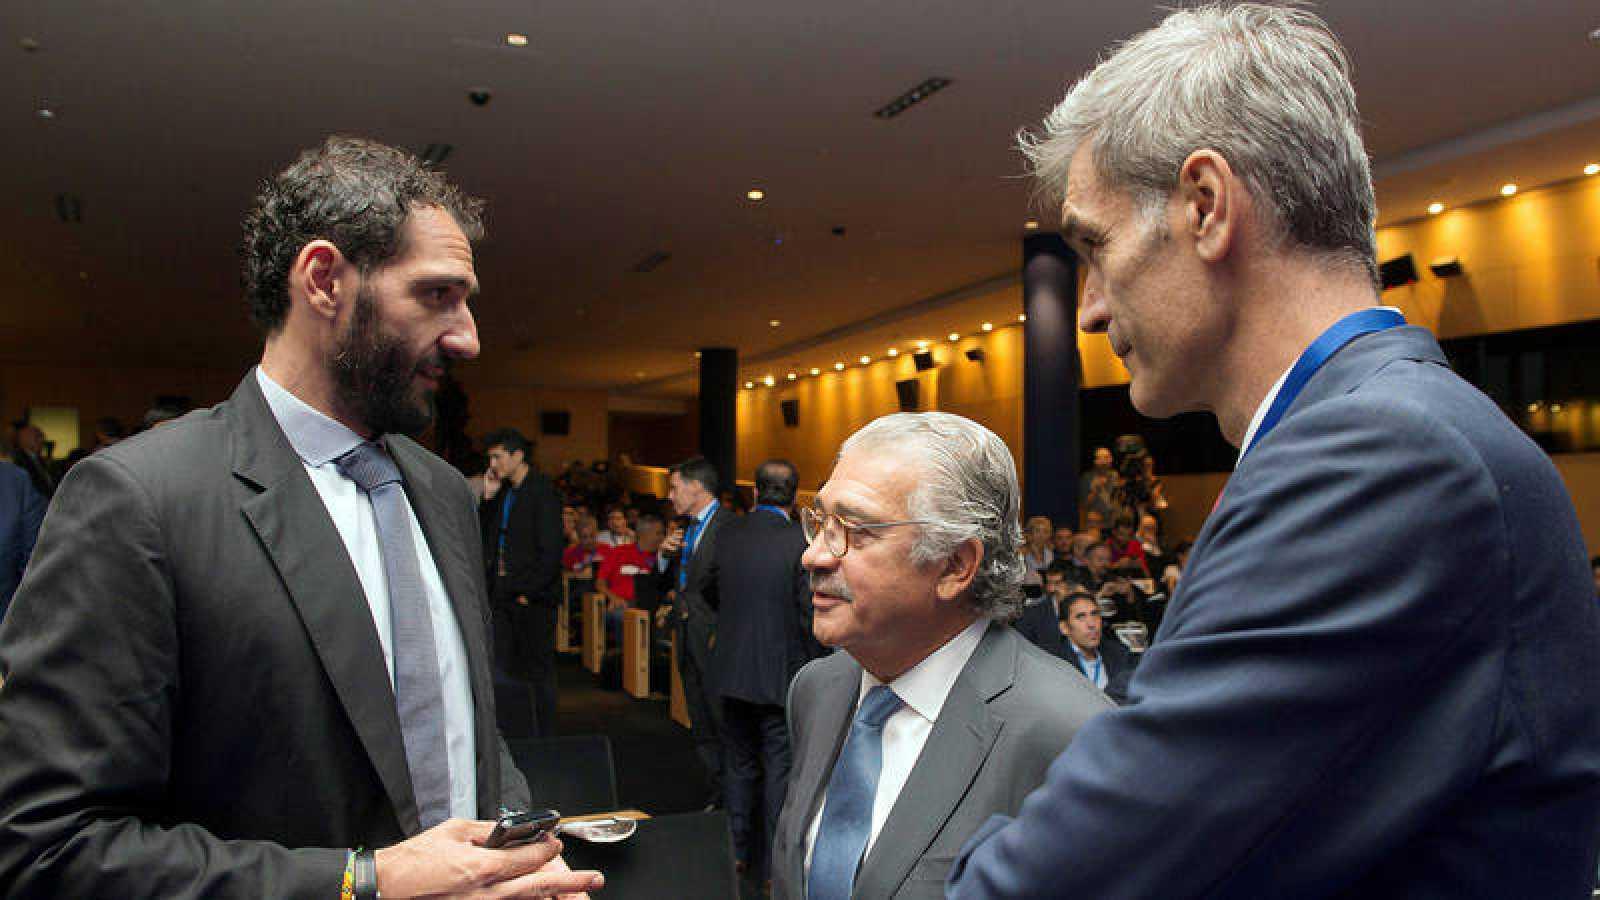 El presidente de la FEB, Jorge Garbajosa (i), conversa con el de la ACB, Antonio Martín (d).